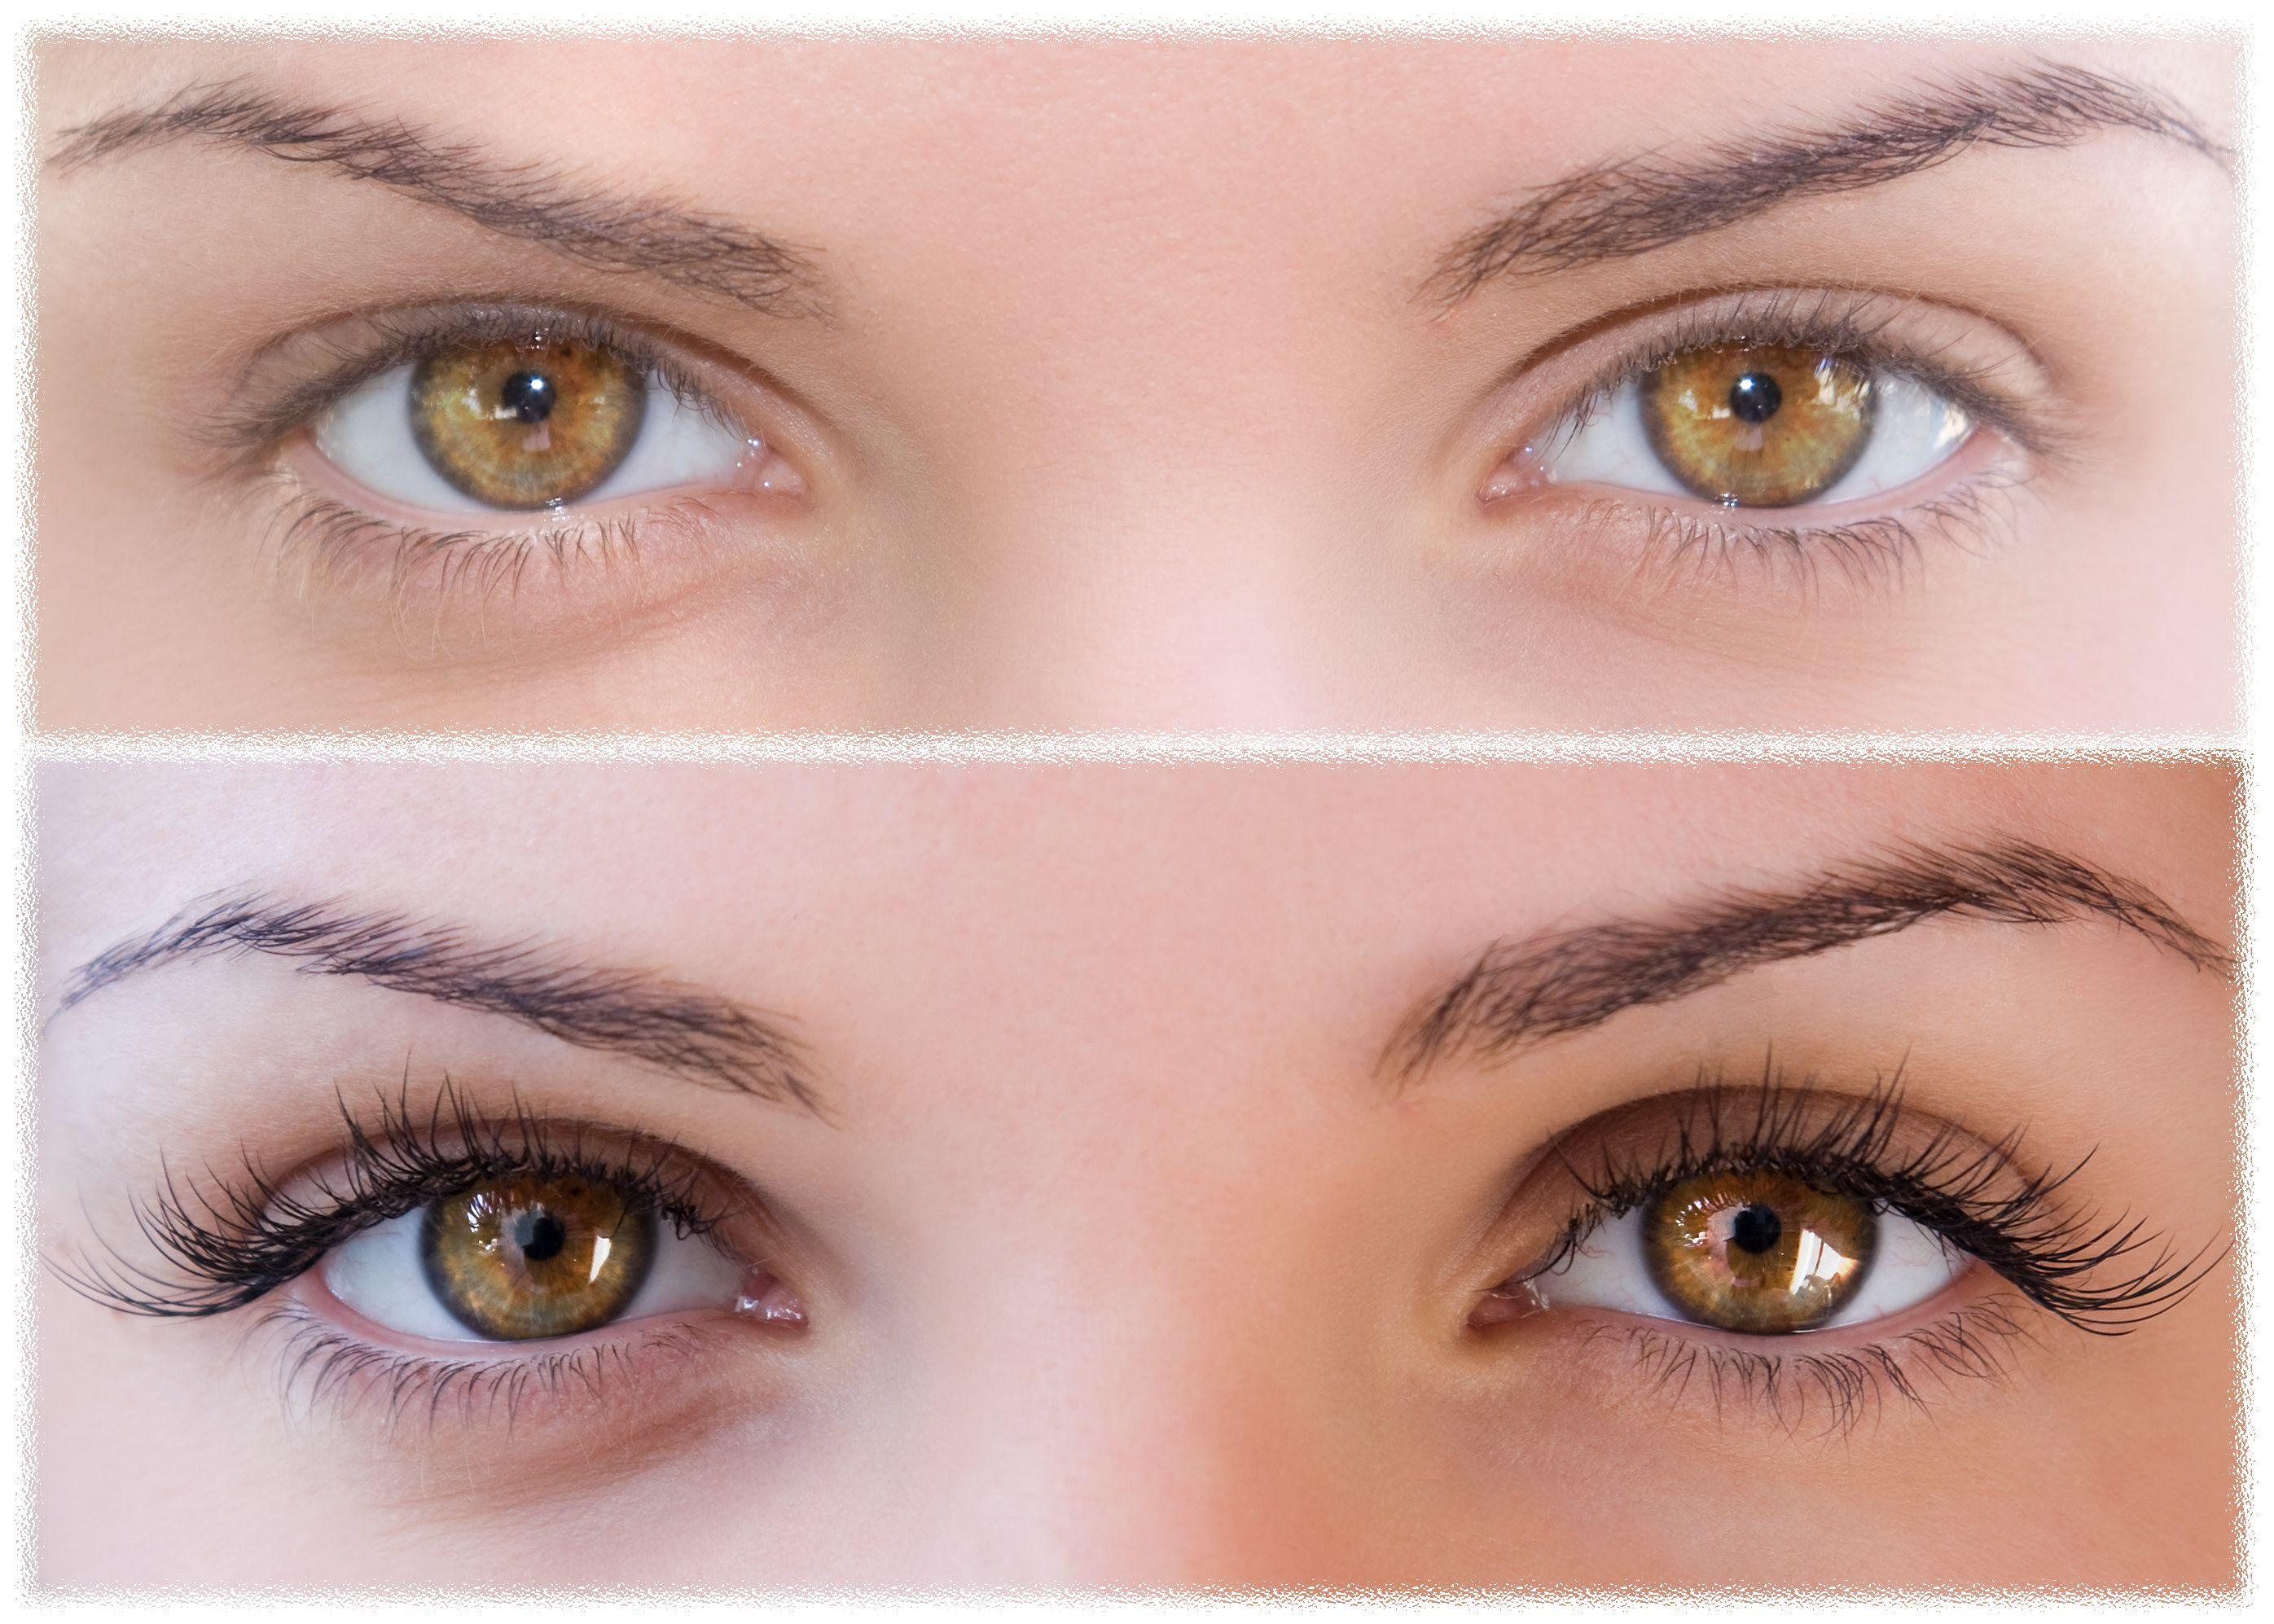 best natural looking false eyelashes uk | Eyelashes | Pinterest ...